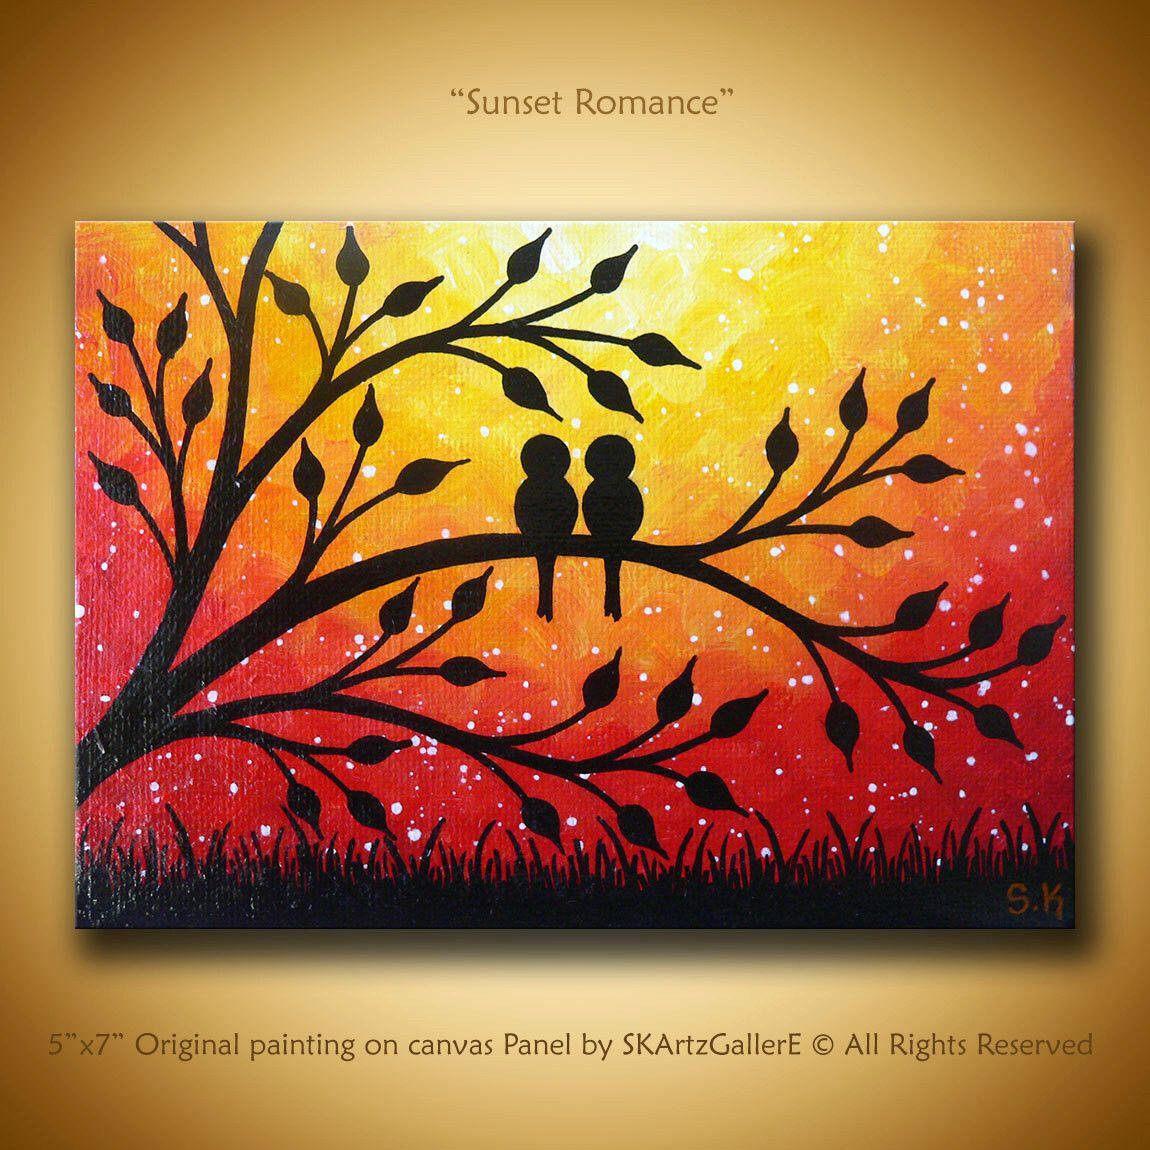 Fabuleux Tableau Facile A Dessiner Ec23 Humatraffin Tableau Facile A Peindre | Peinture sur ...